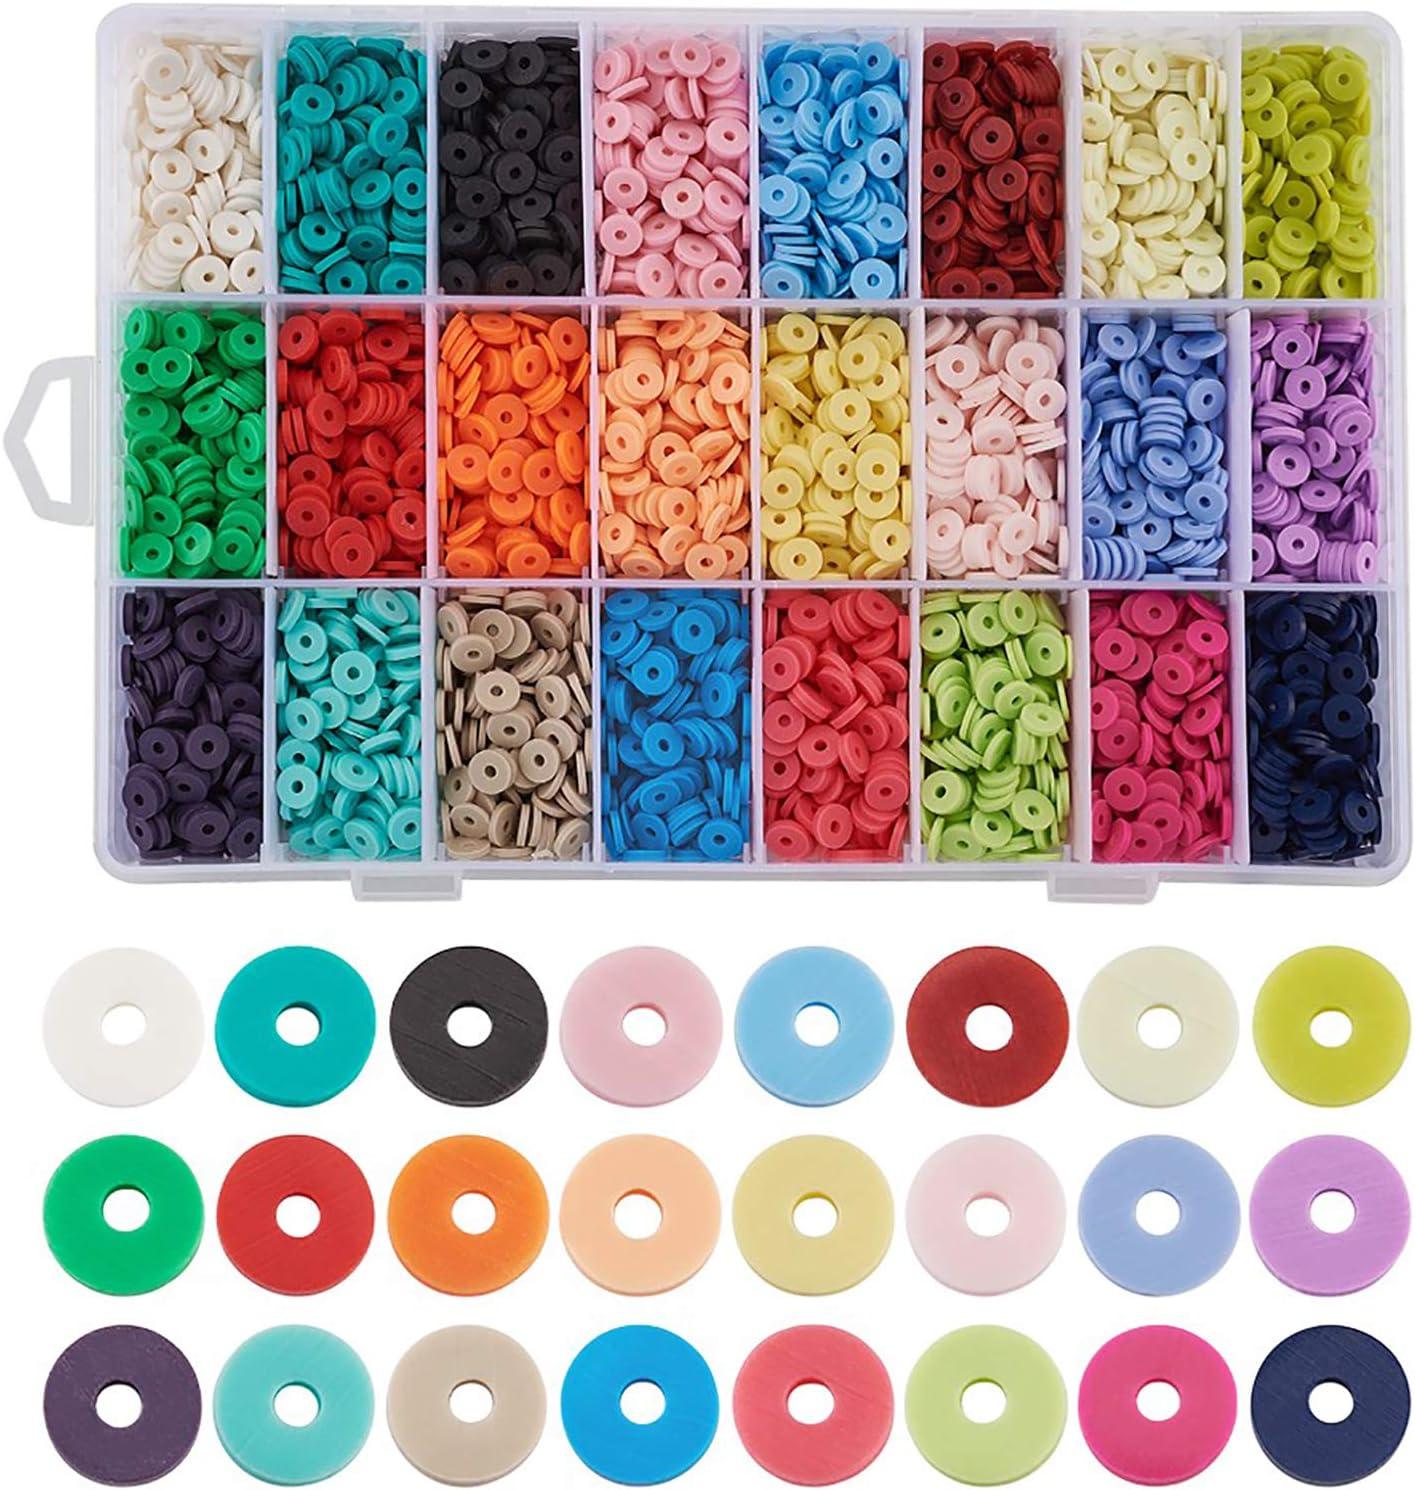 Cheriswelry Cuentas Arcilla Polimerica Redondas 6mm 24 Colores Hechos a Mano Espaciador de Discos Para Collares Pulseras Pendientes Joyería